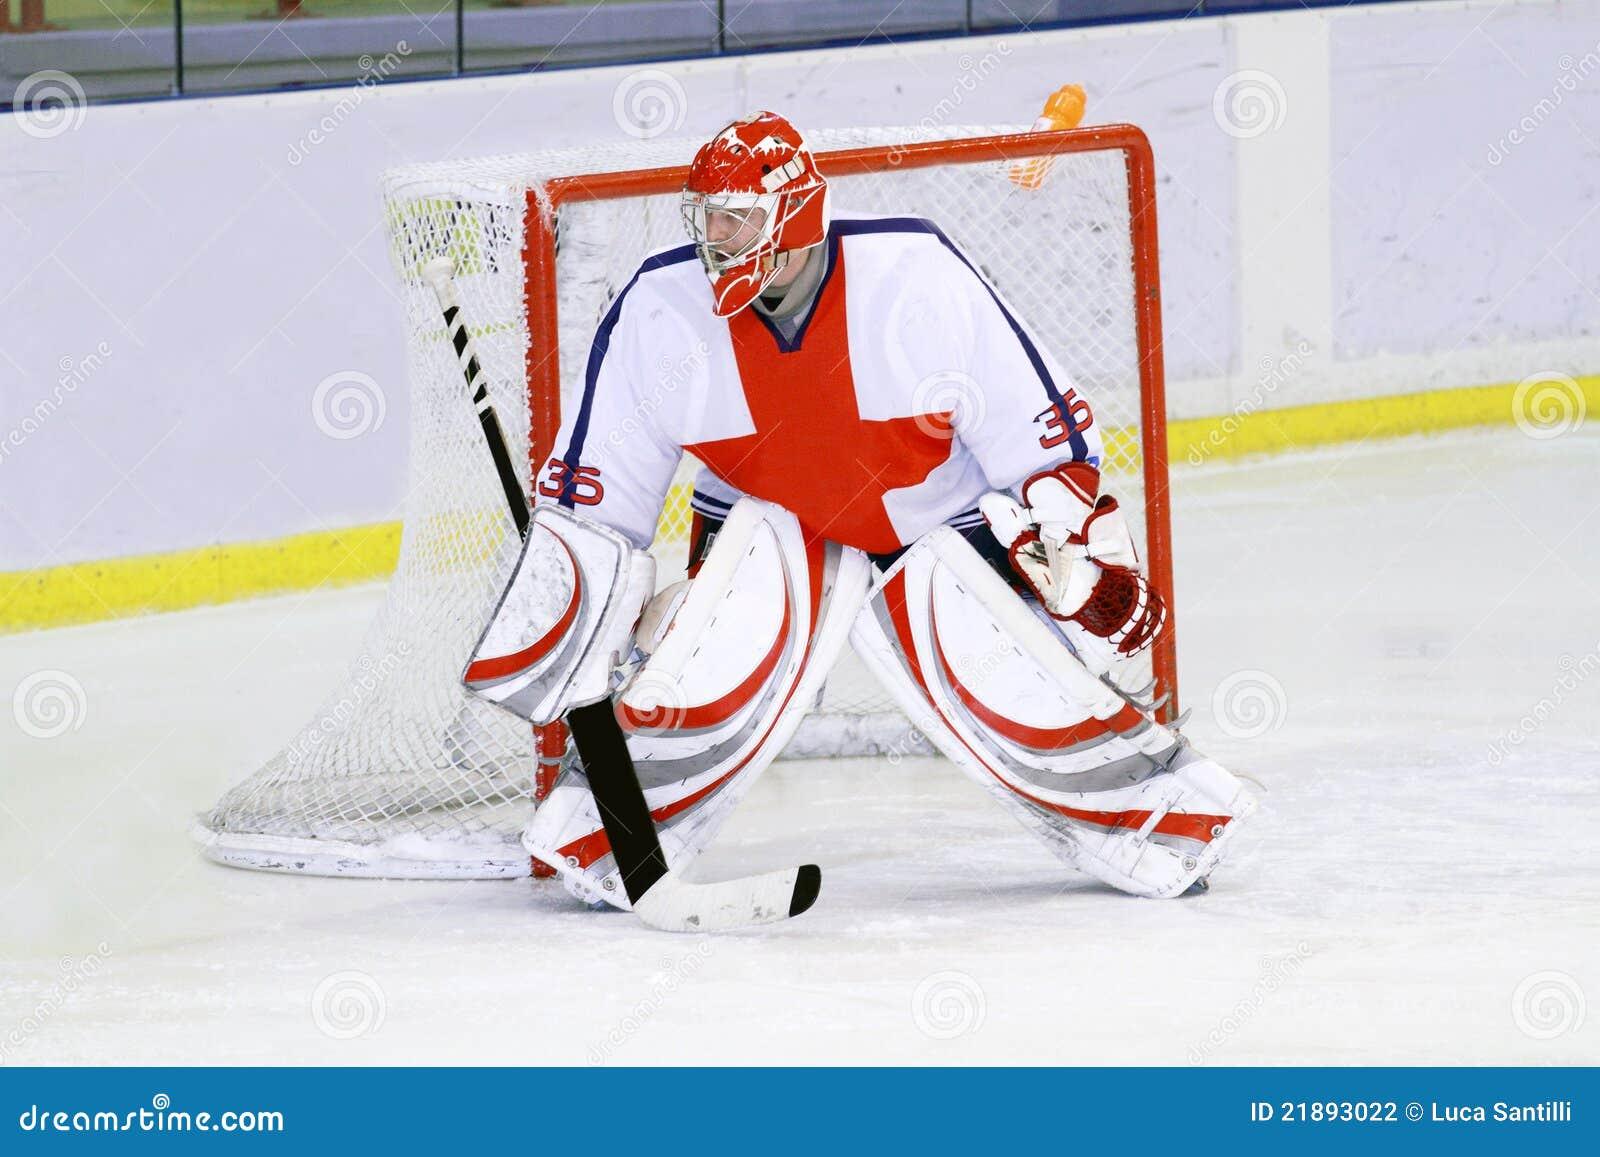 ice hockey goalie stock photography image 21893022